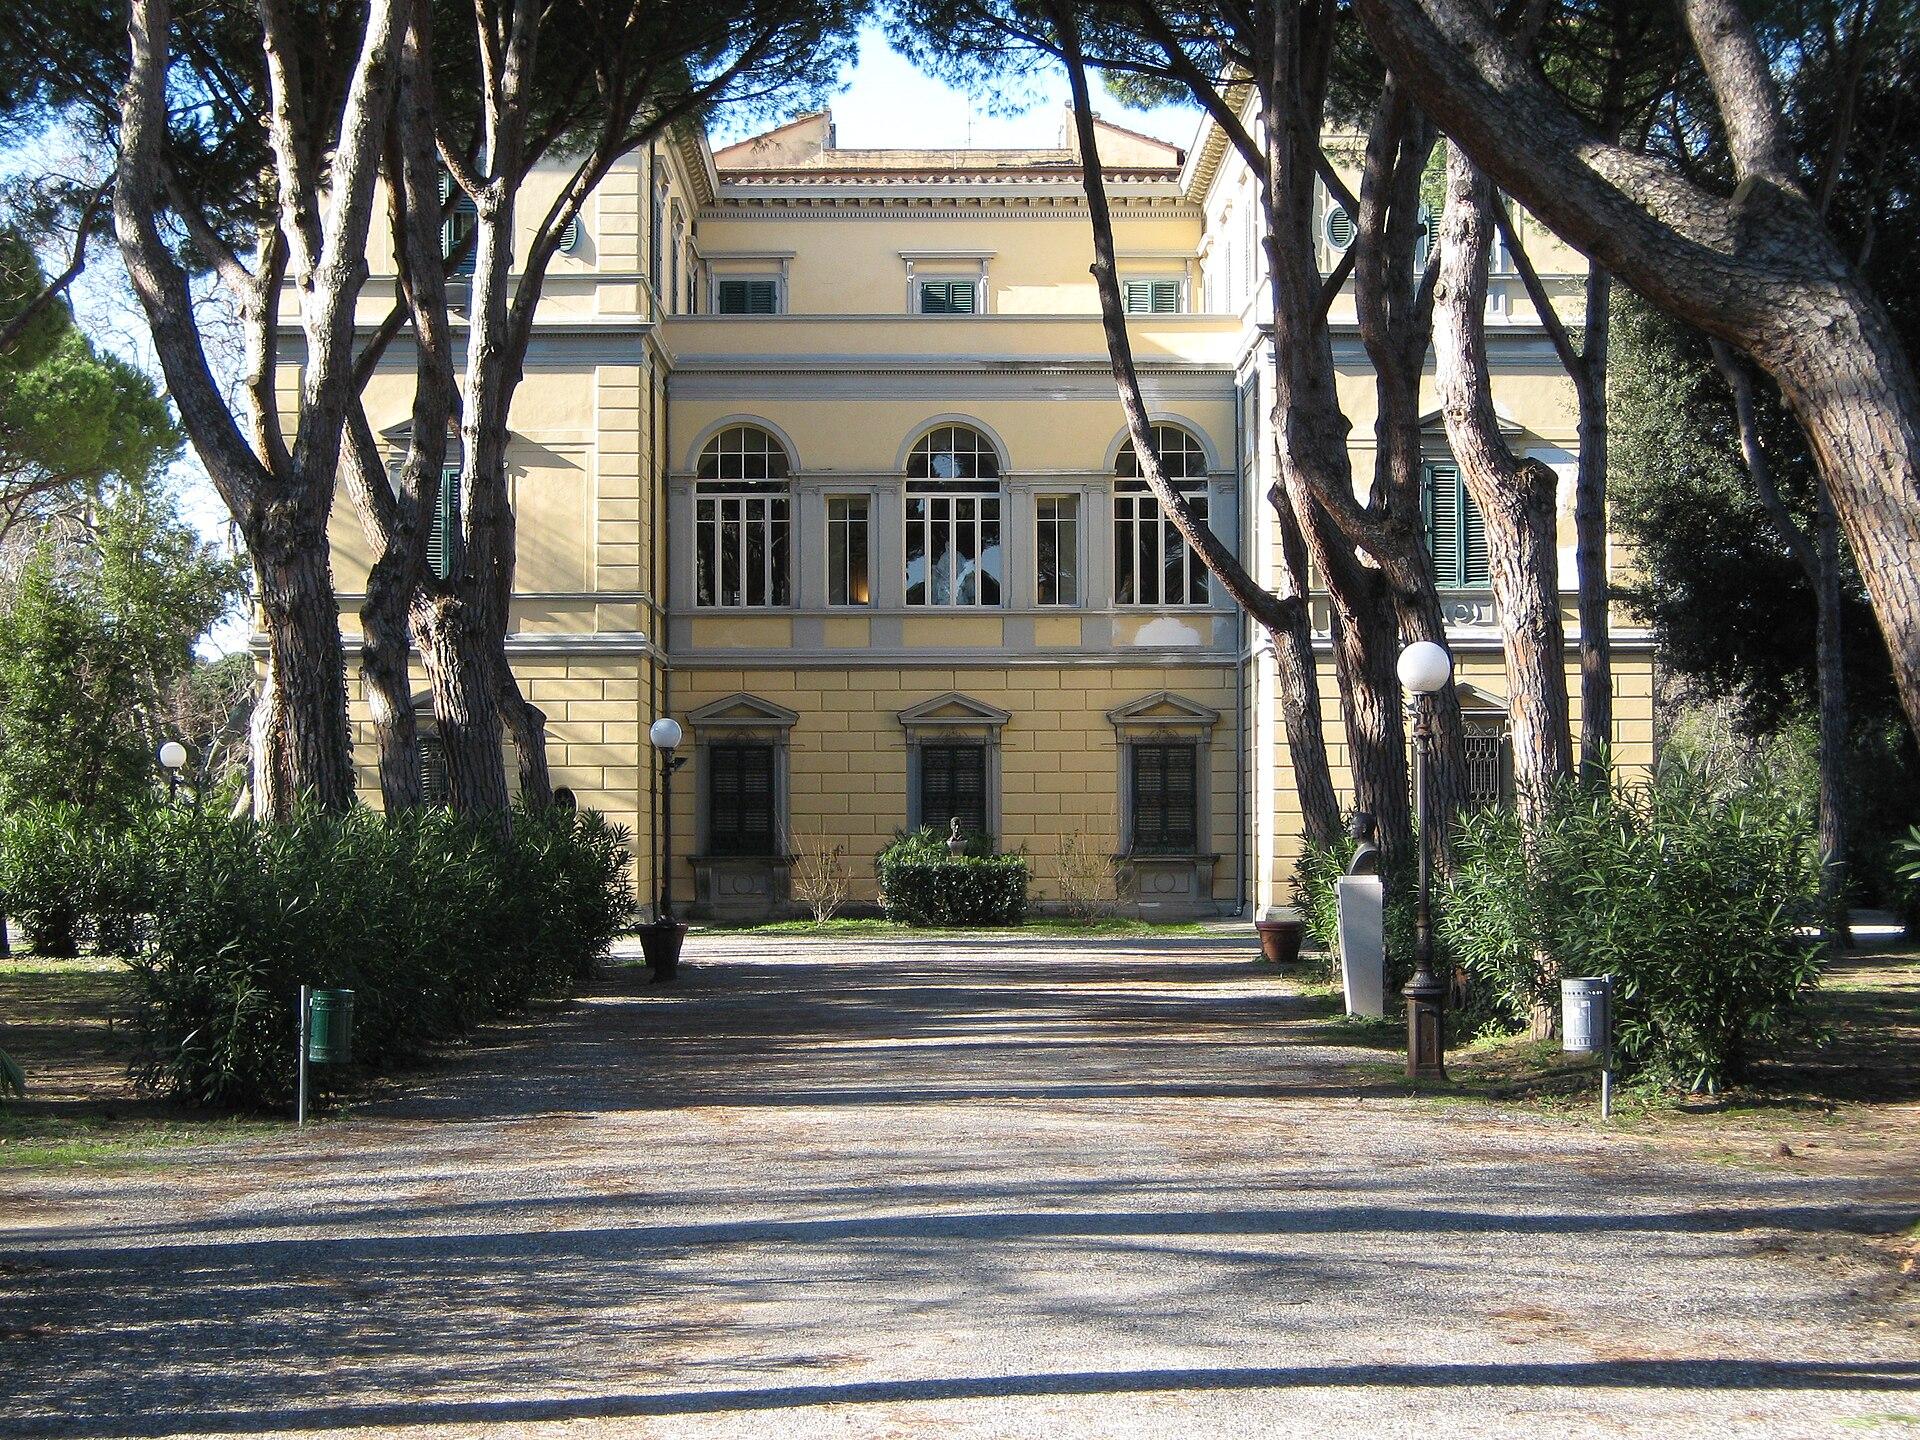 Villa fabbricotti livorno wikipedia for Foto di ville